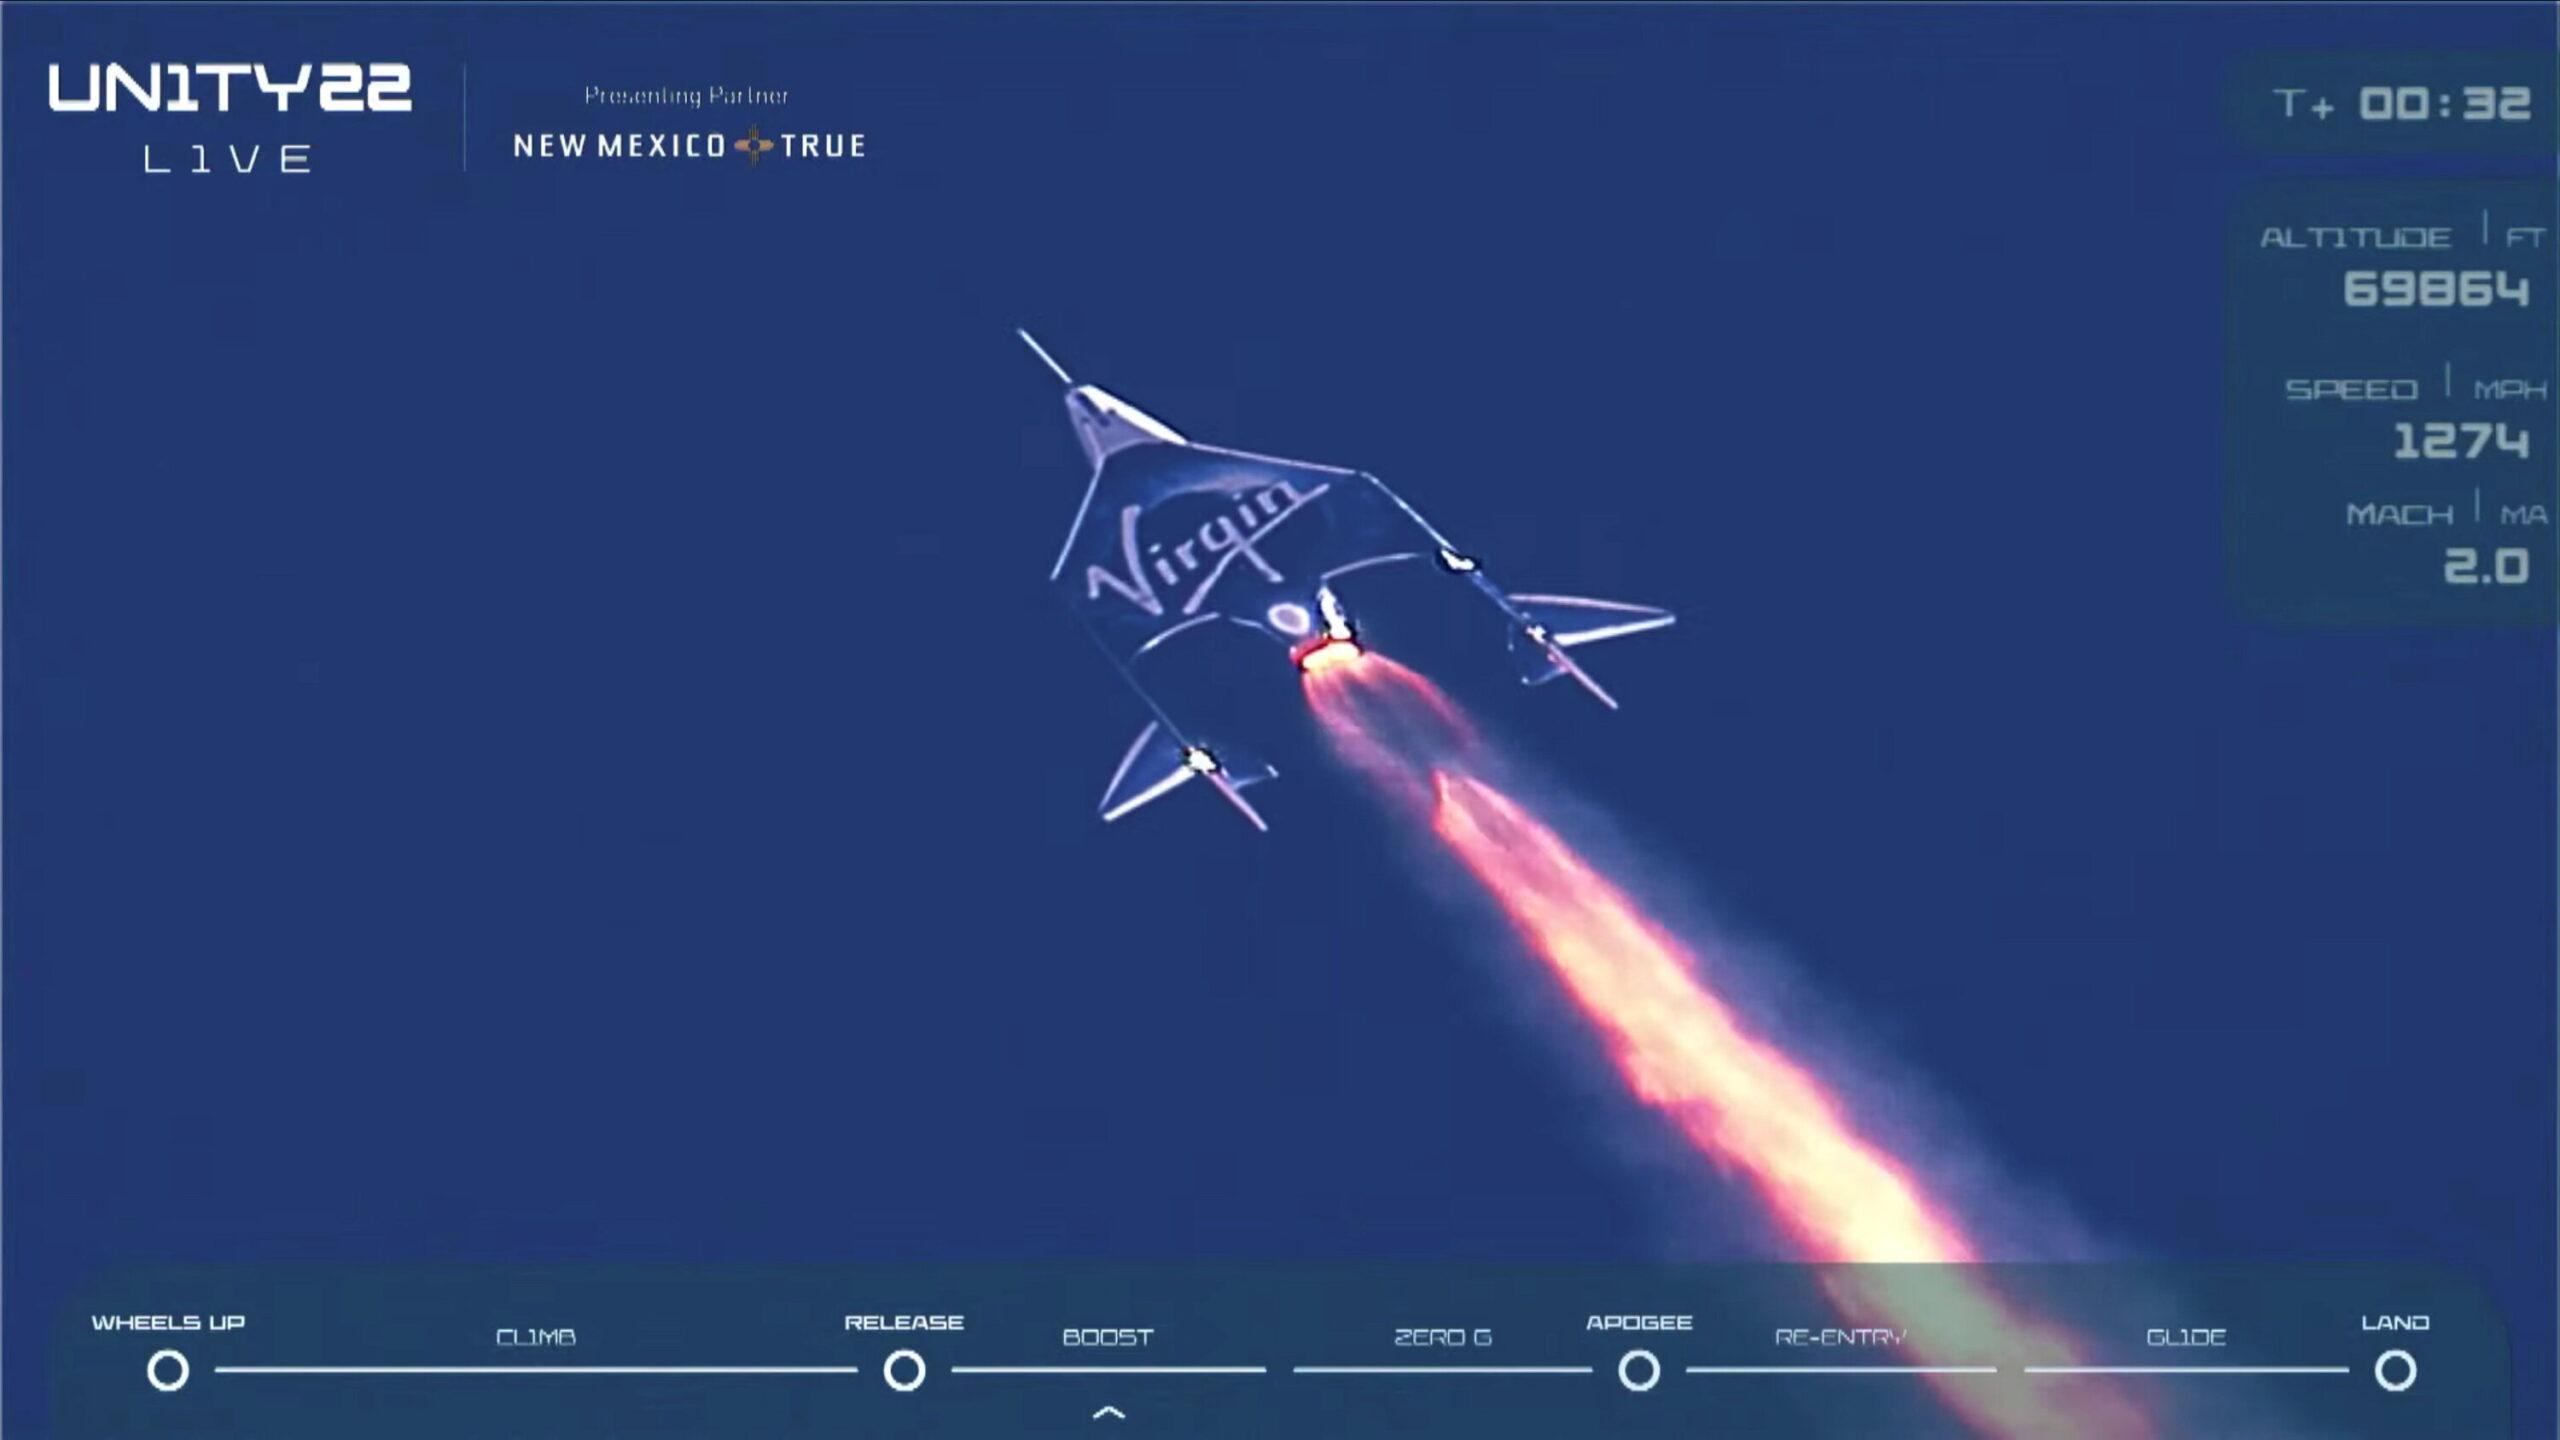 VSS Unity in flight on July 11, 2021